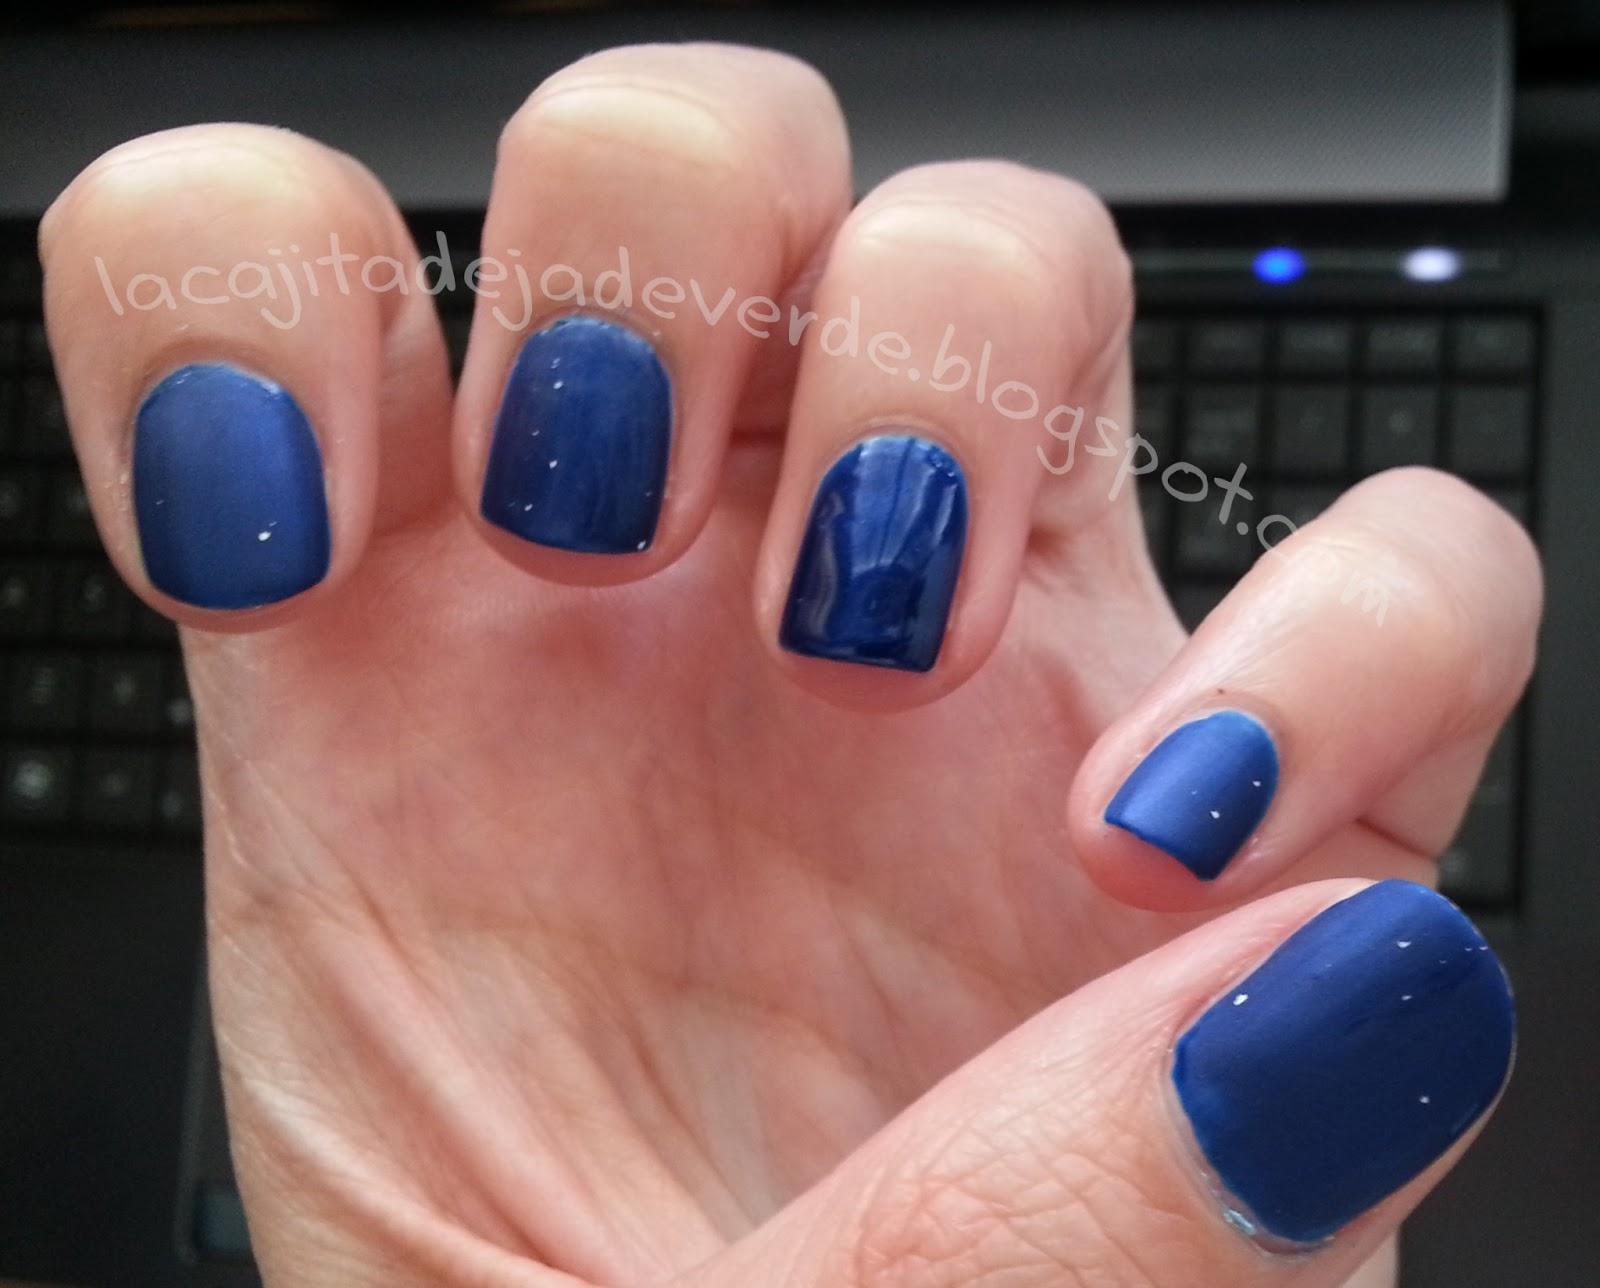 La cajita de Jade verde: Reto 31 manicuras: Azul